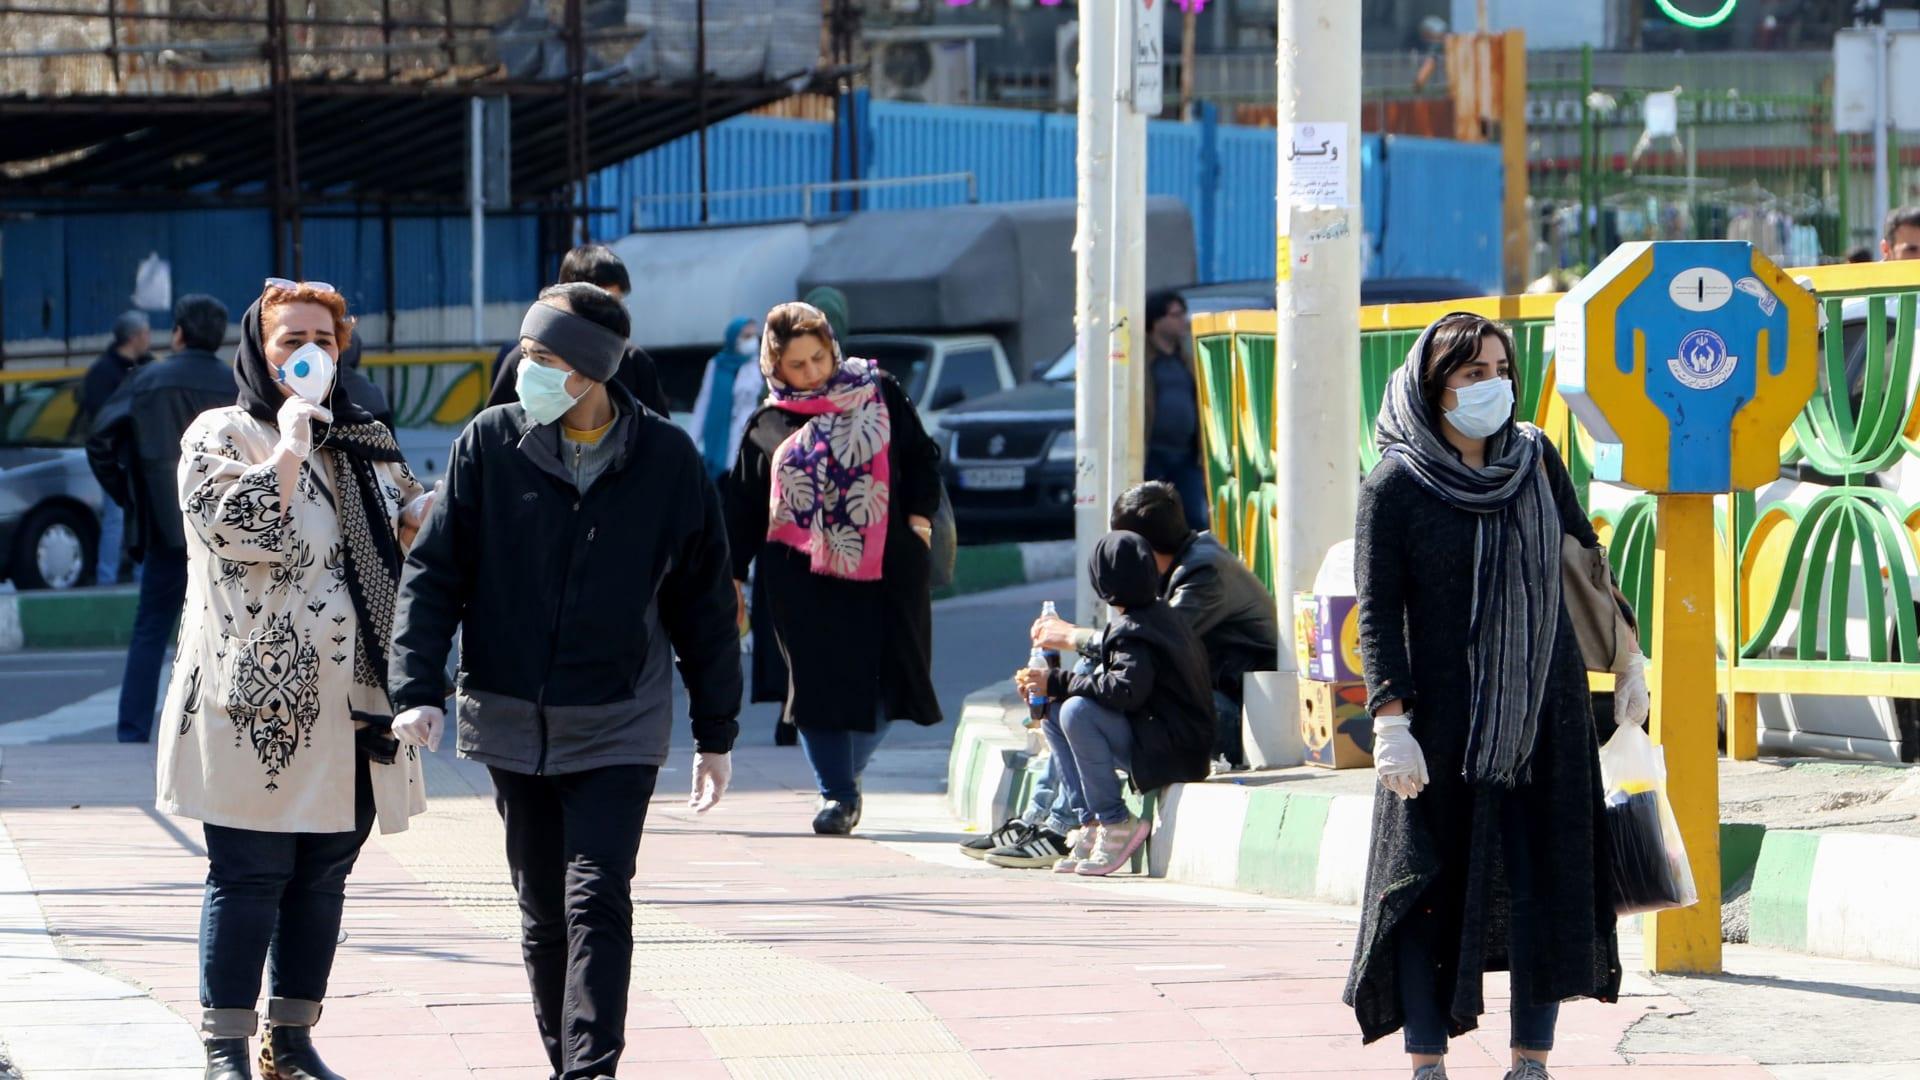 من الصين إلى إيران وإيطاليا..  فيروس كورونا يضع العالم في حالة تأهب